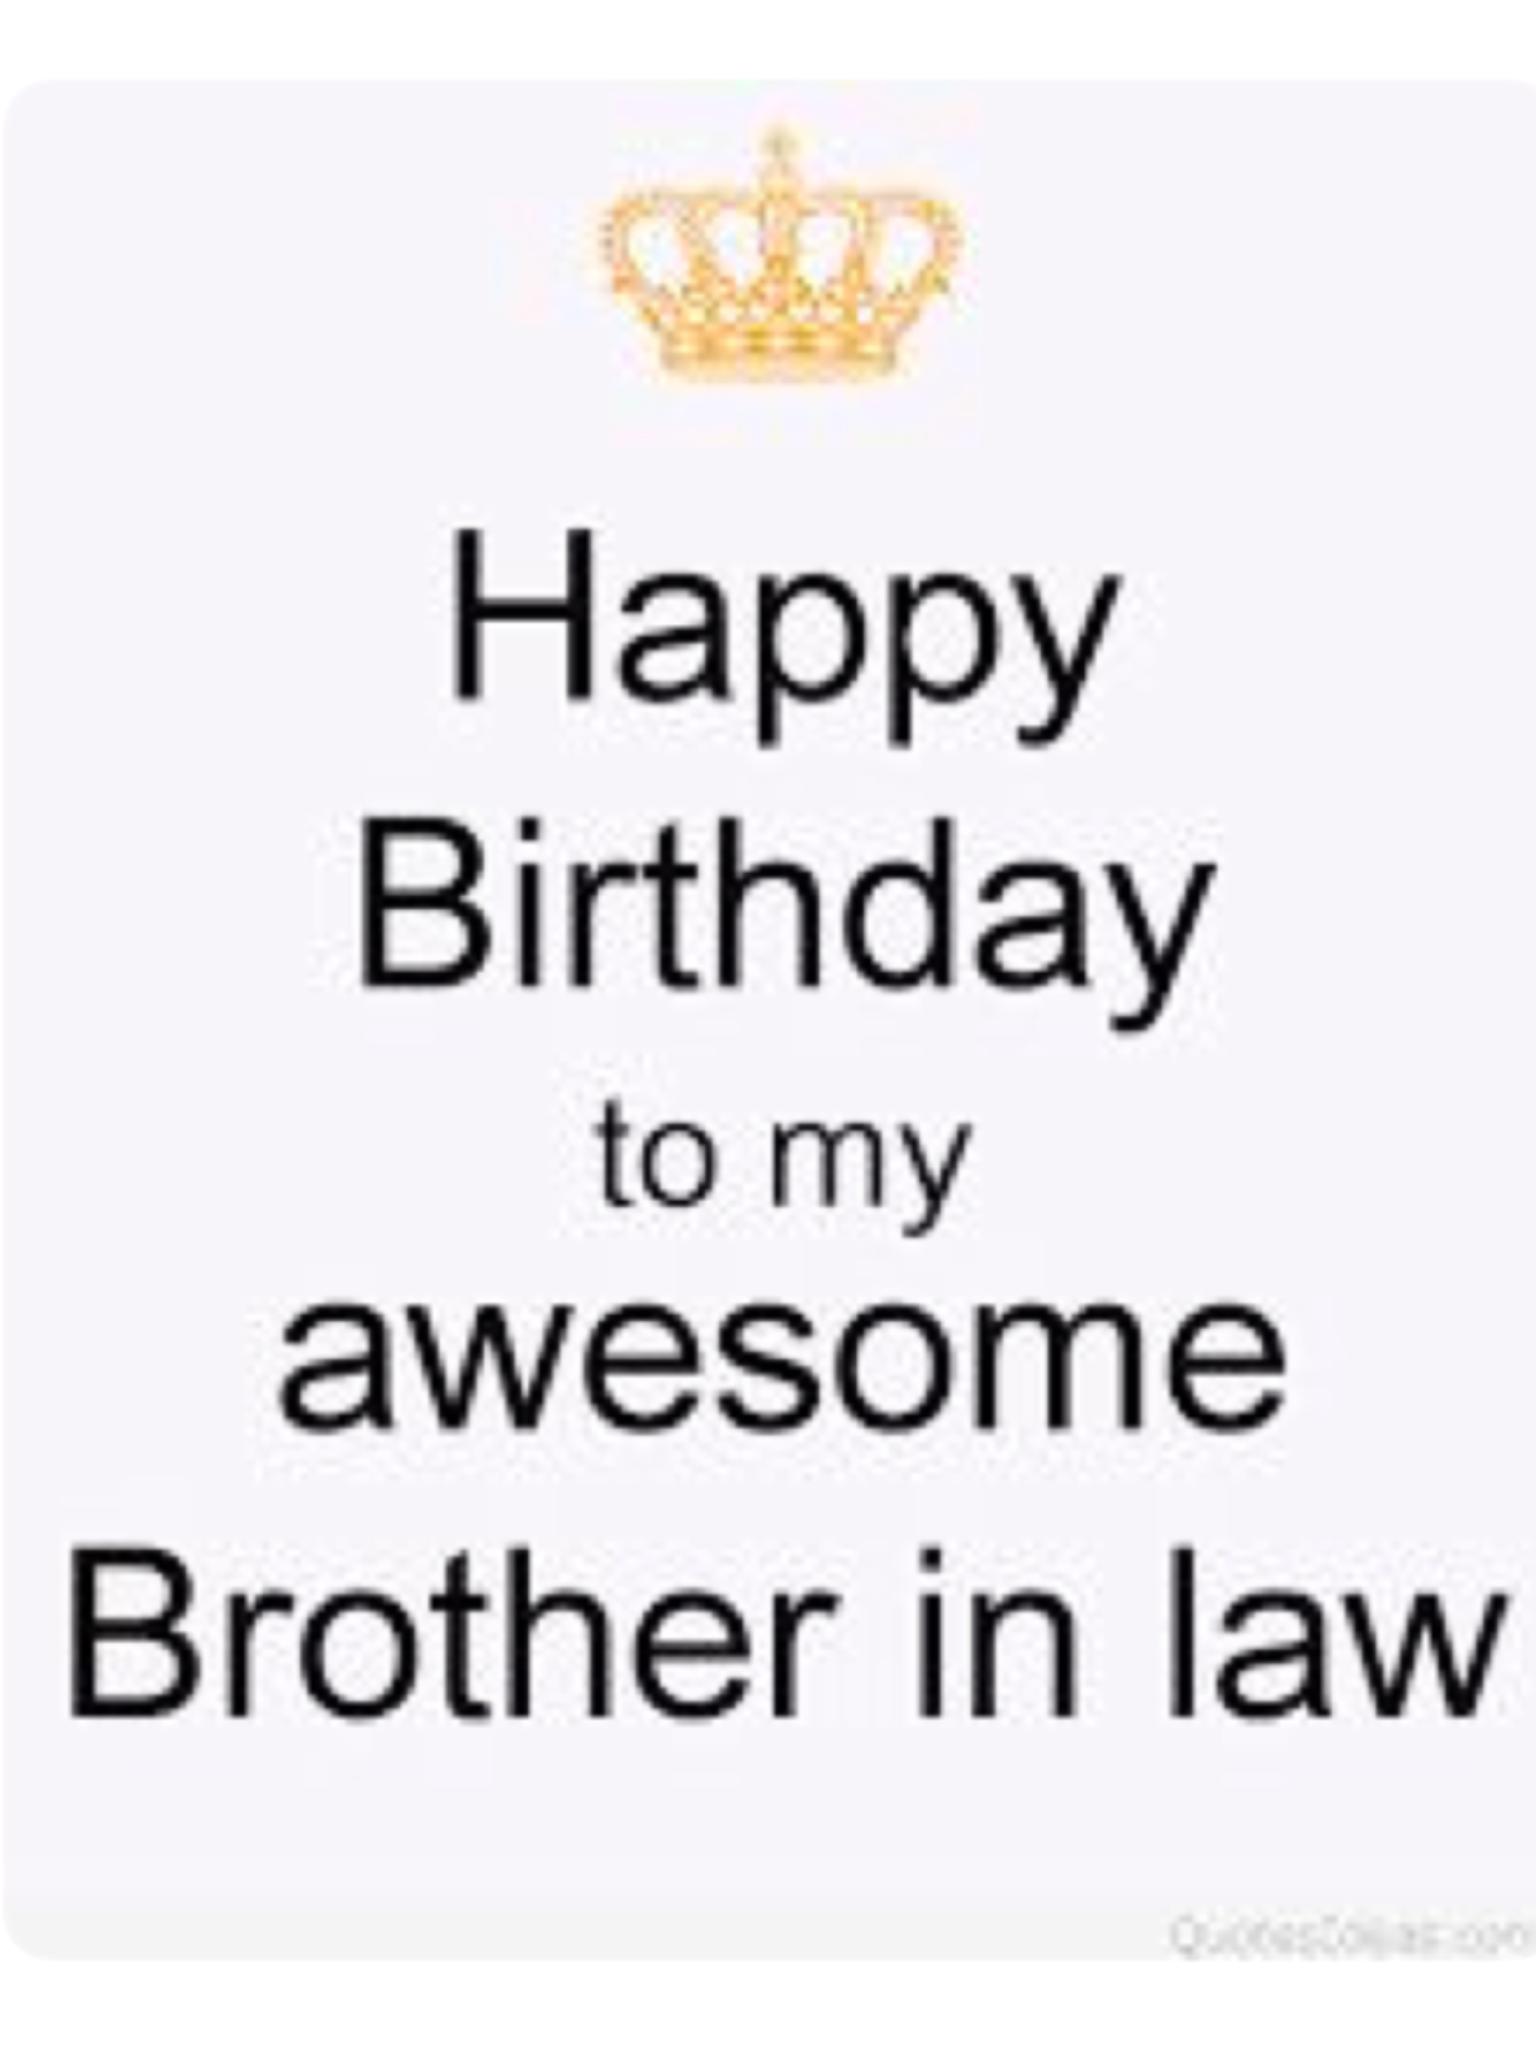 Pin By Maria Oliu On Birthday In Law S Birthday Brother In Law Happy Birthday Brother Happy Birthday Fun